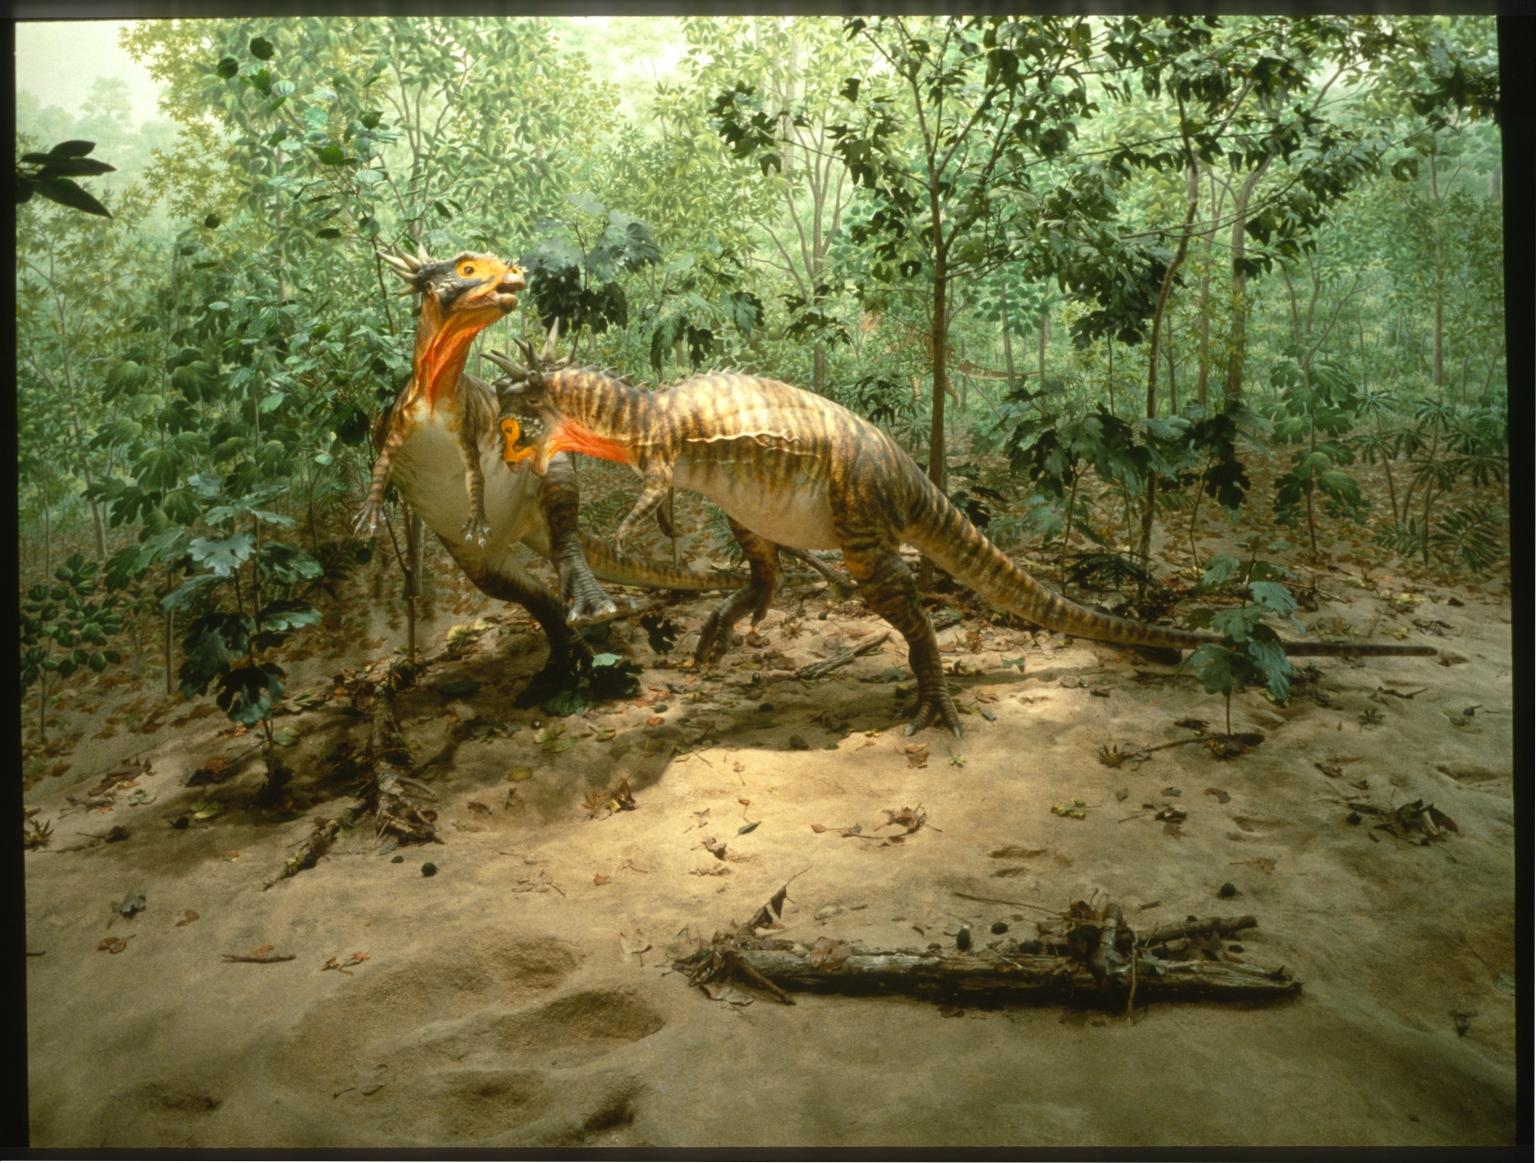 Cretaceous Creekbed diorama